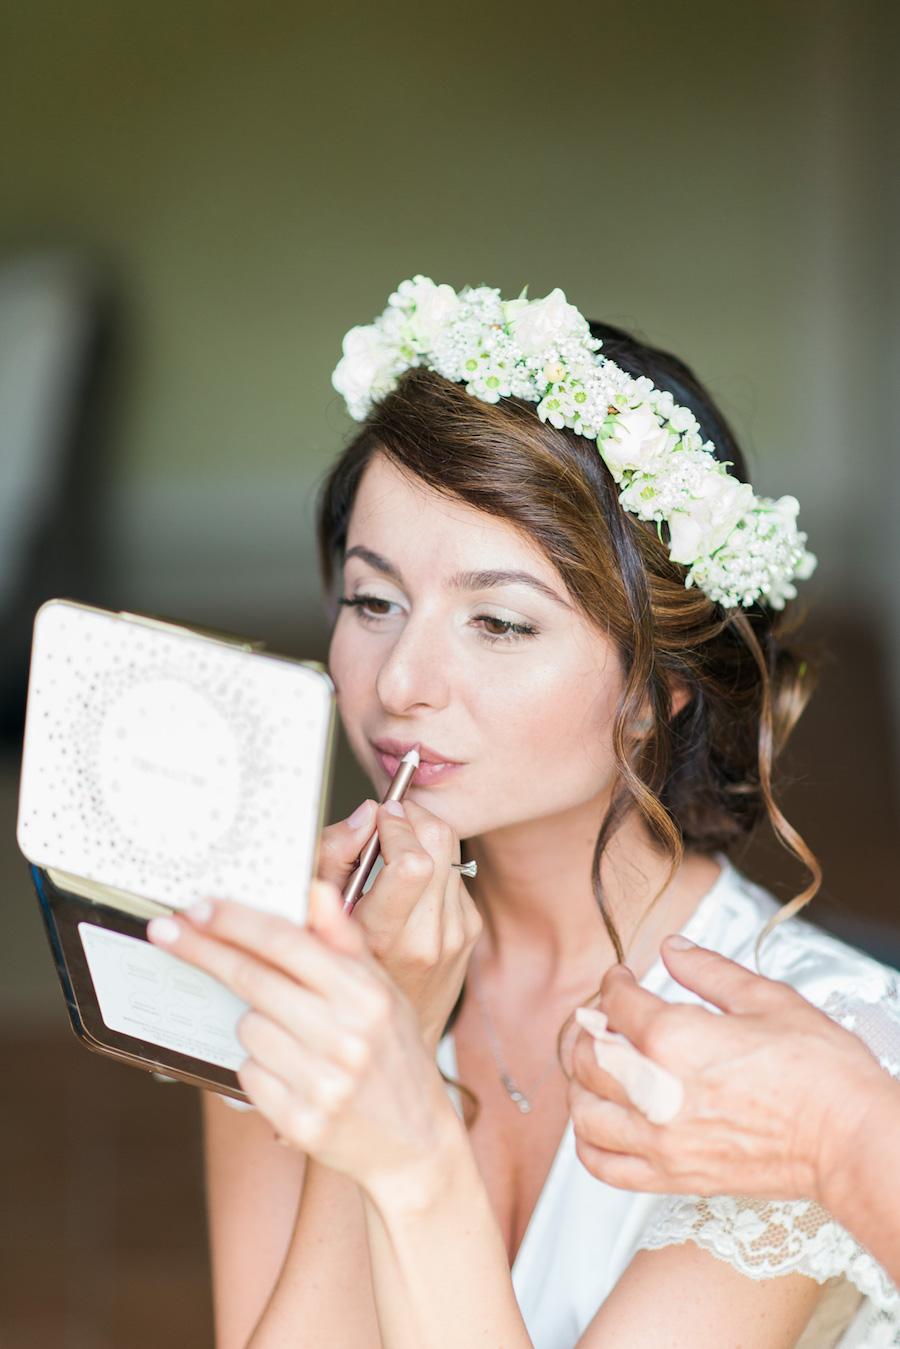 Matrimonio In Un Bosco : Un magico matrimonio nel bosco wedding wonderland